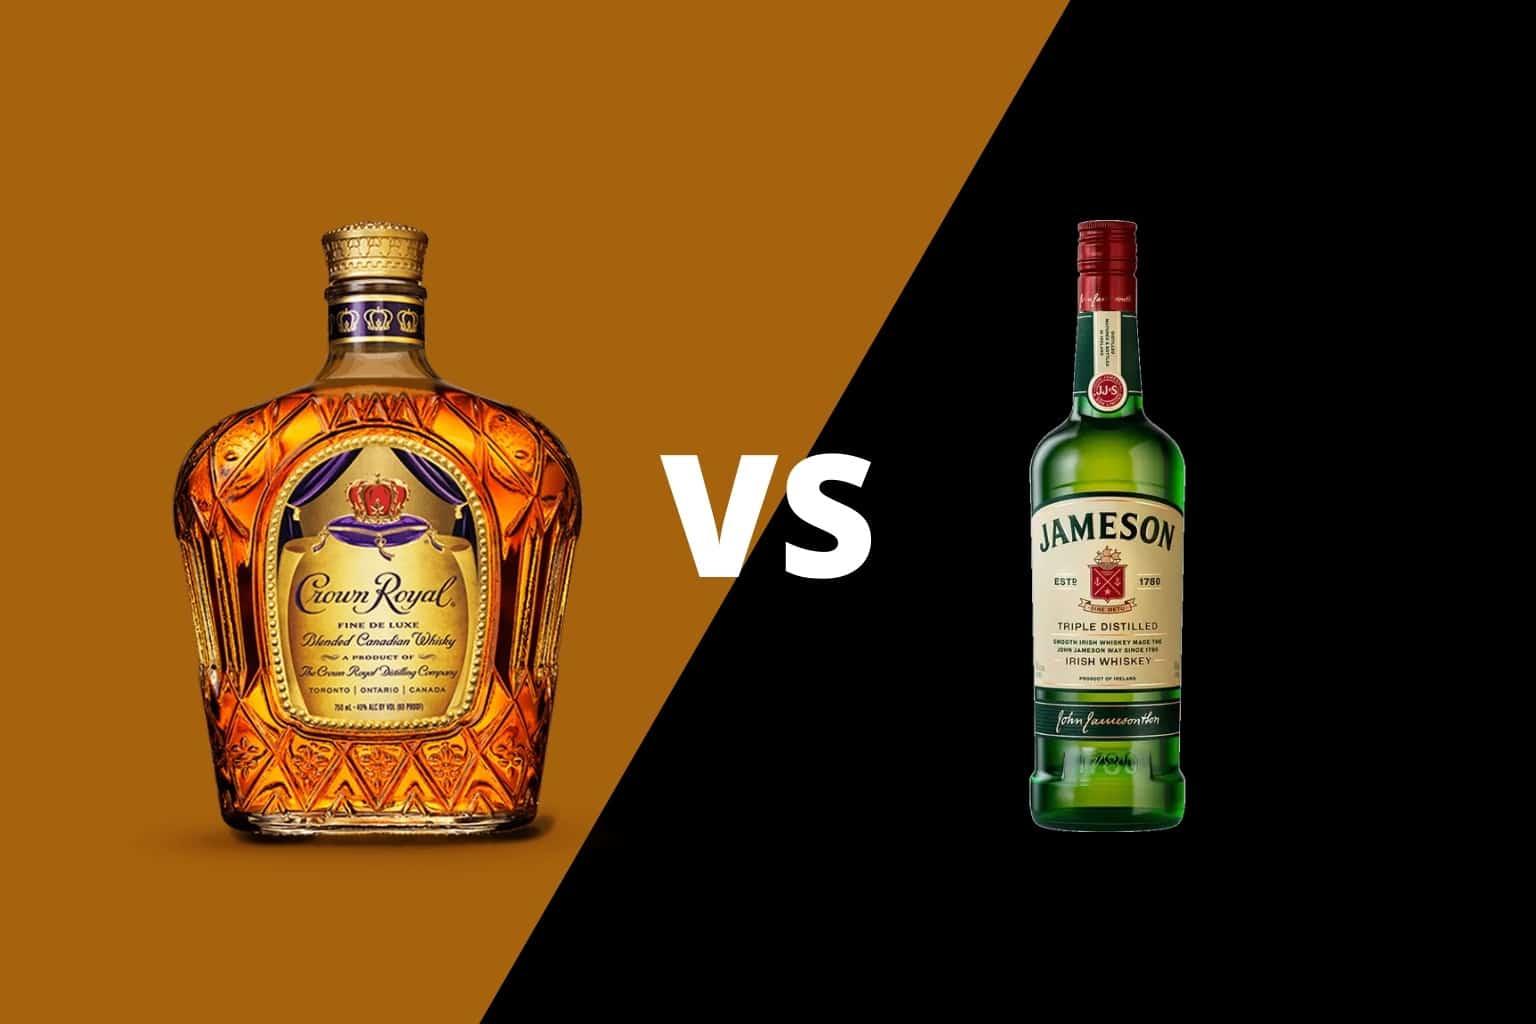 Crown Royal vs Jameson